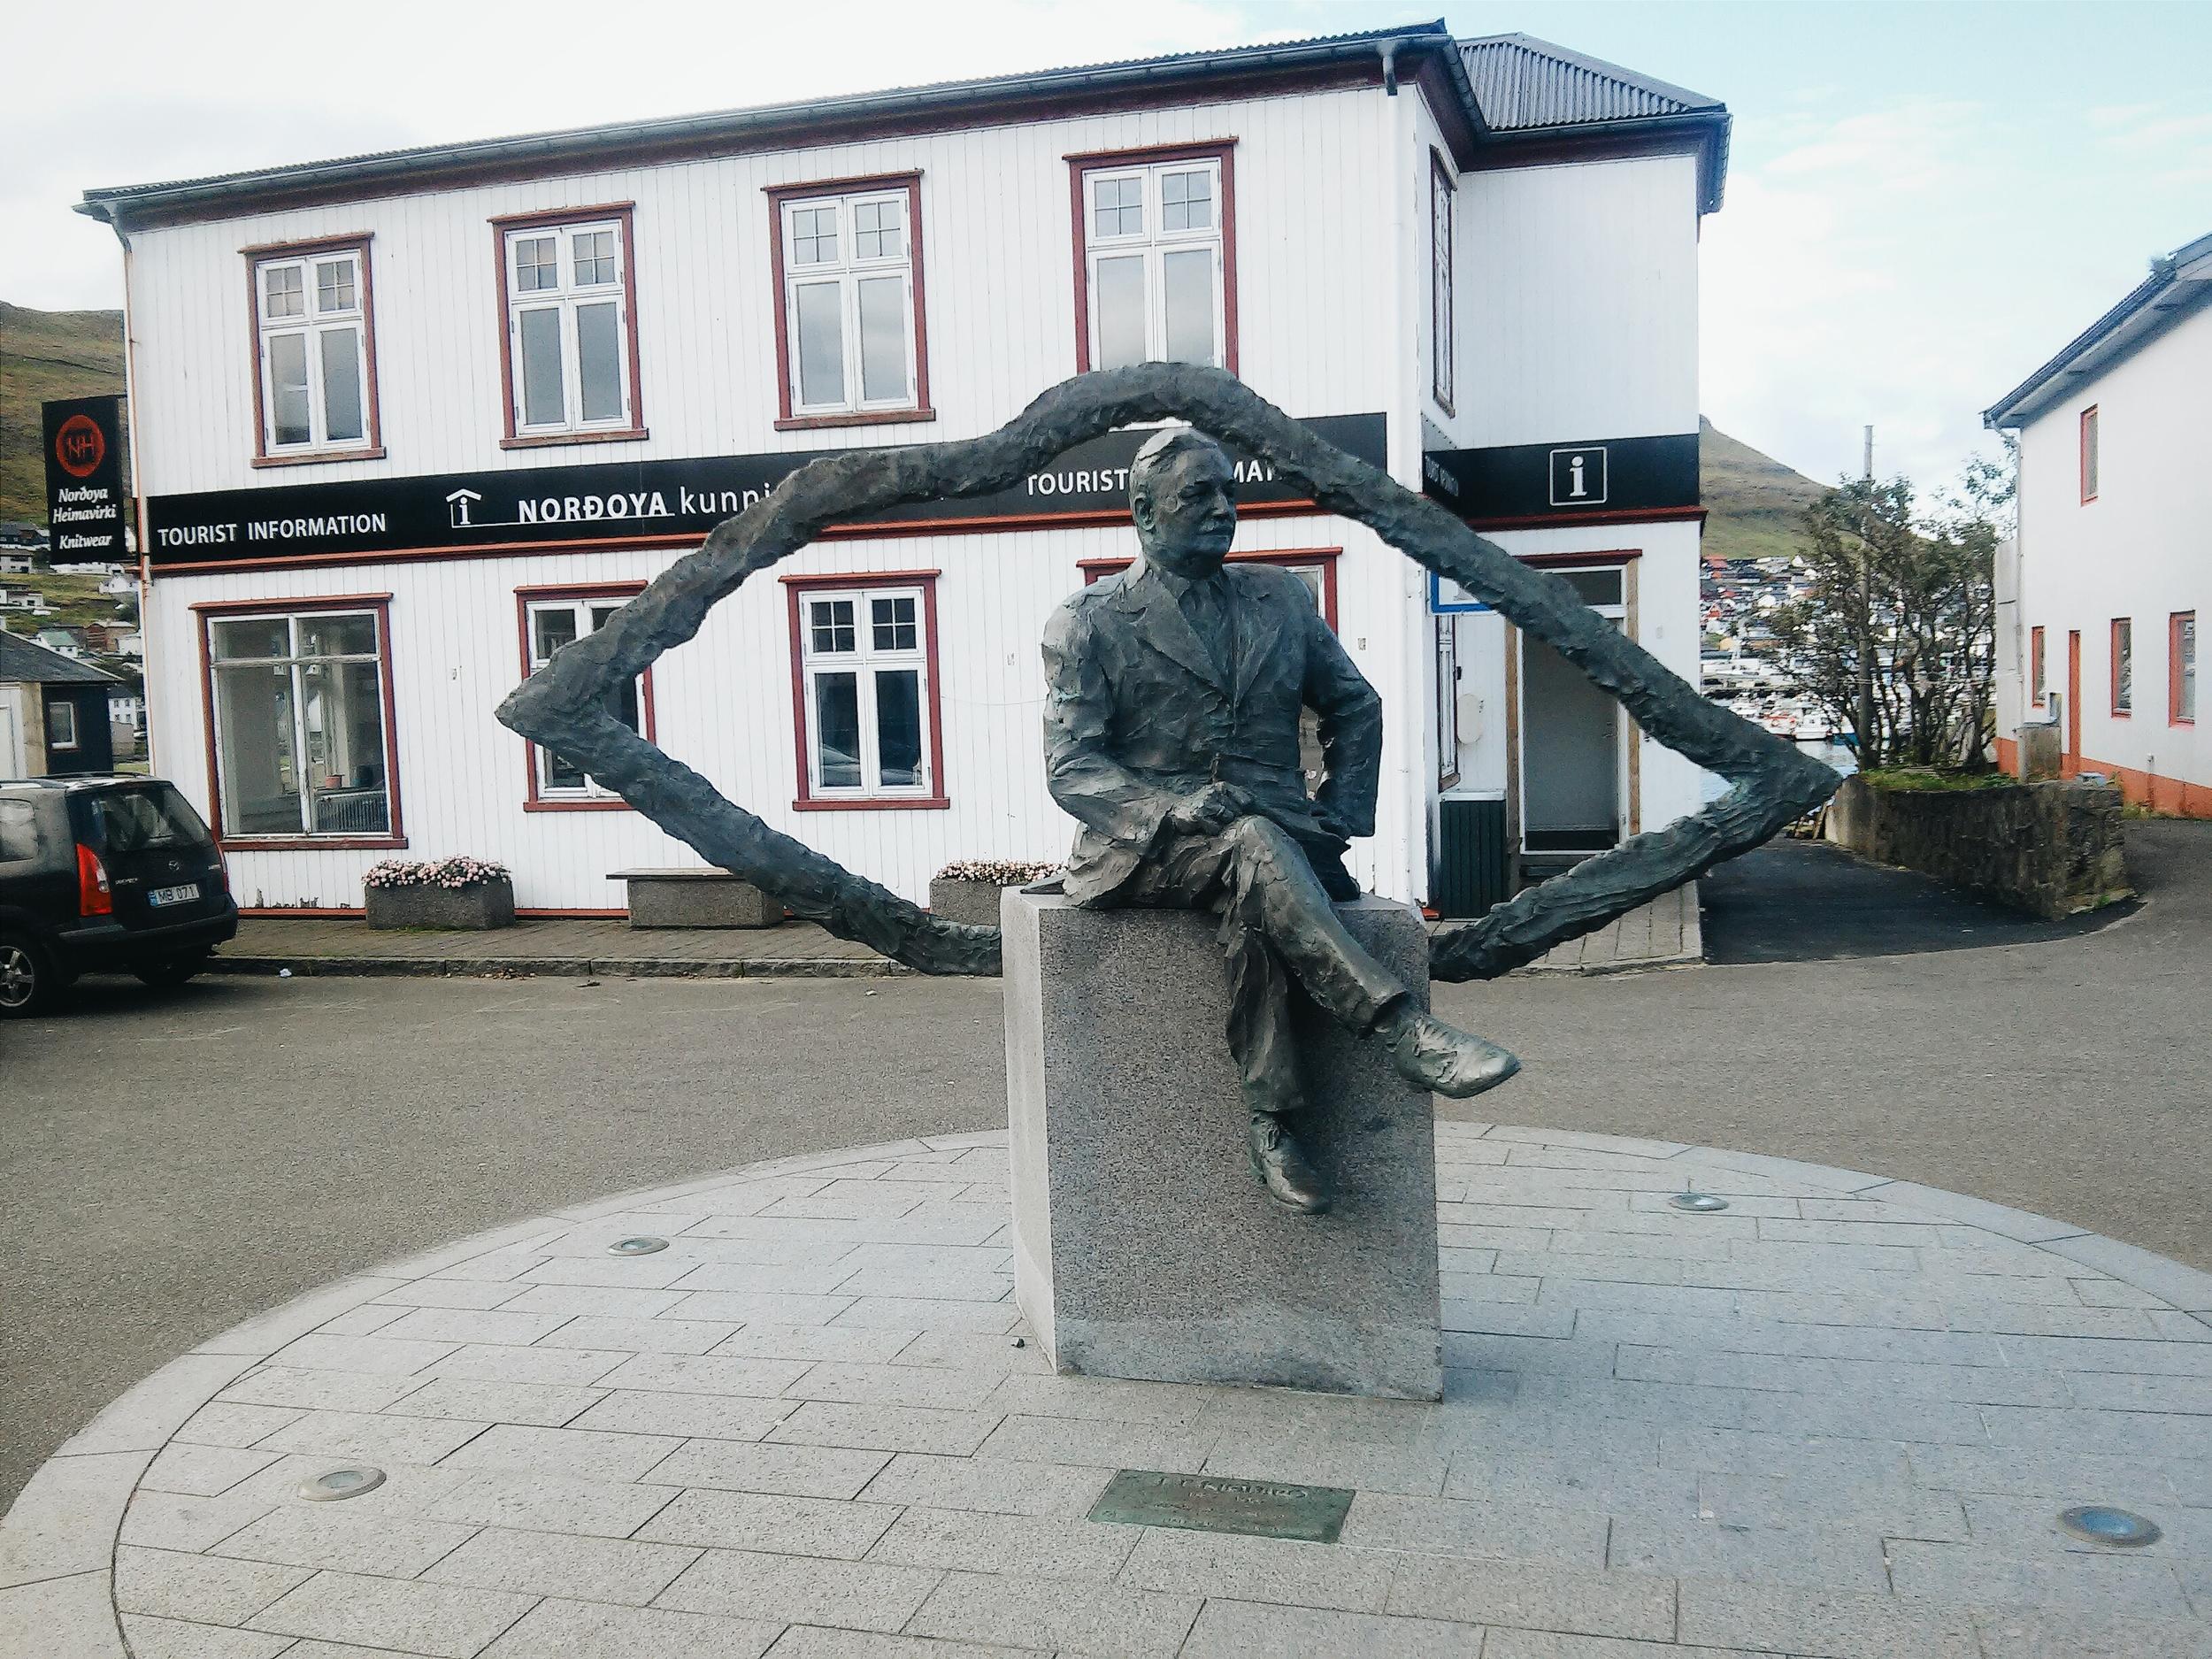 Το άγαλμα του Κγιόλμπρο και πίσω ο τουριστικός οργανισμός της πόλης